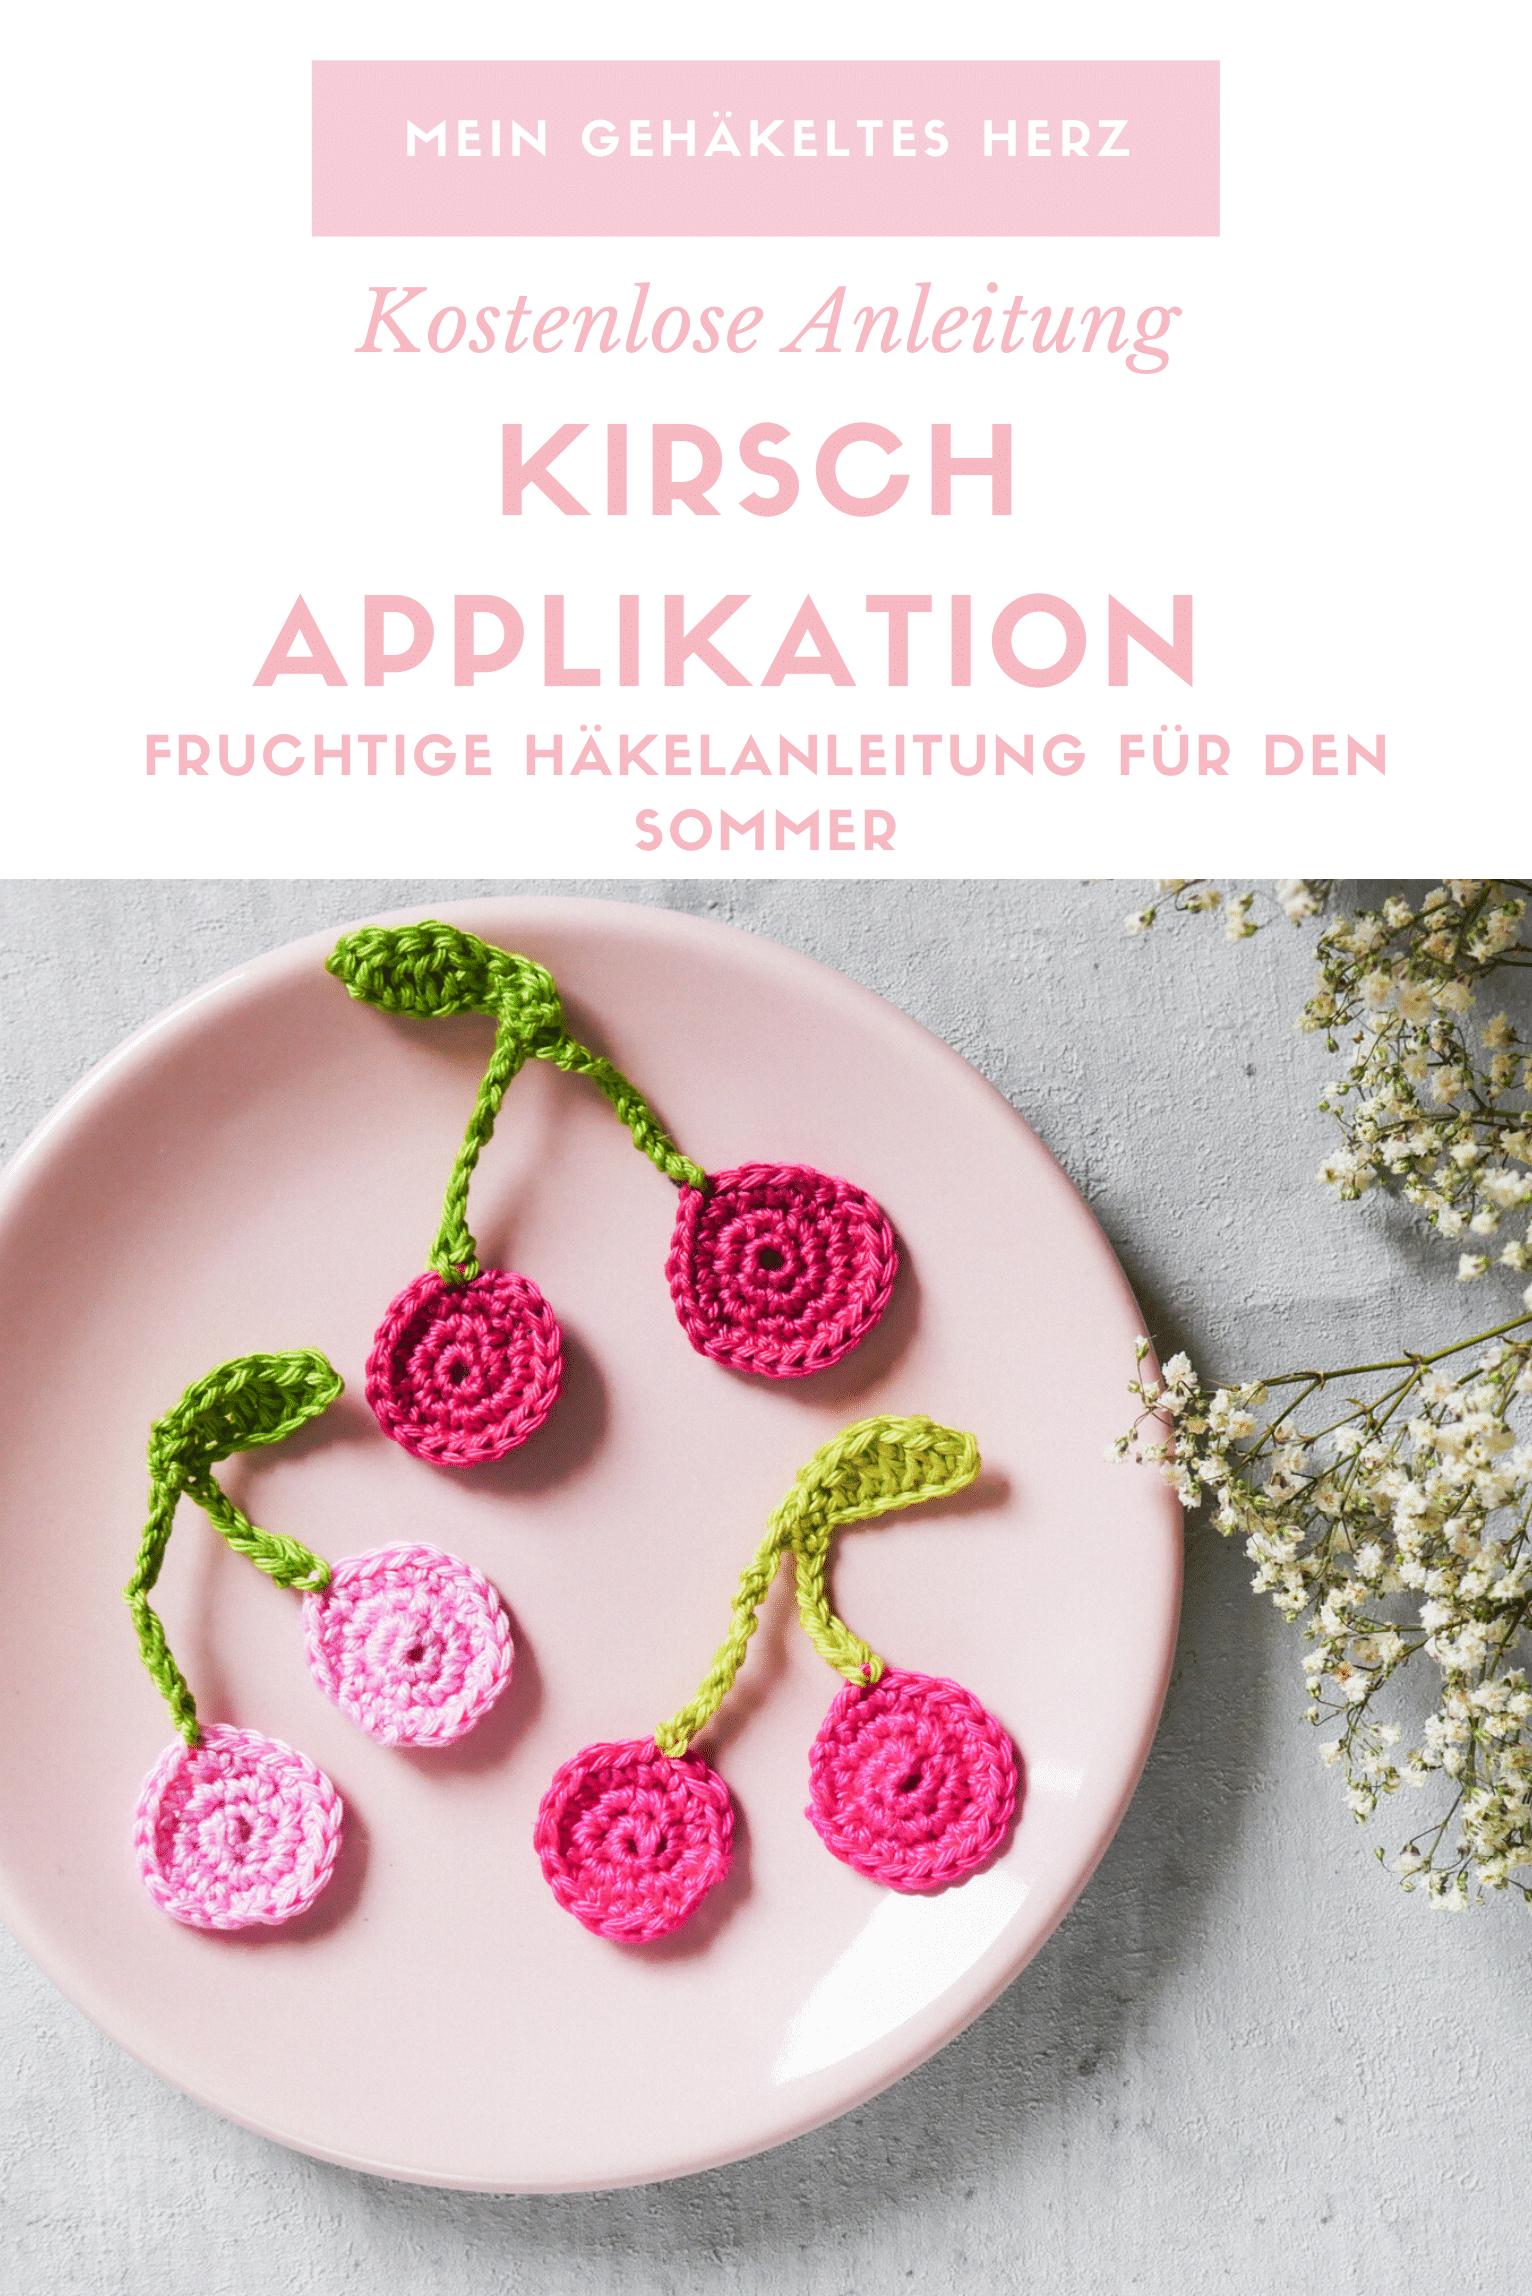 Kirsch Applikation häkeln-kostenfreie Häkelanleitung- DIY Balkon Sommer